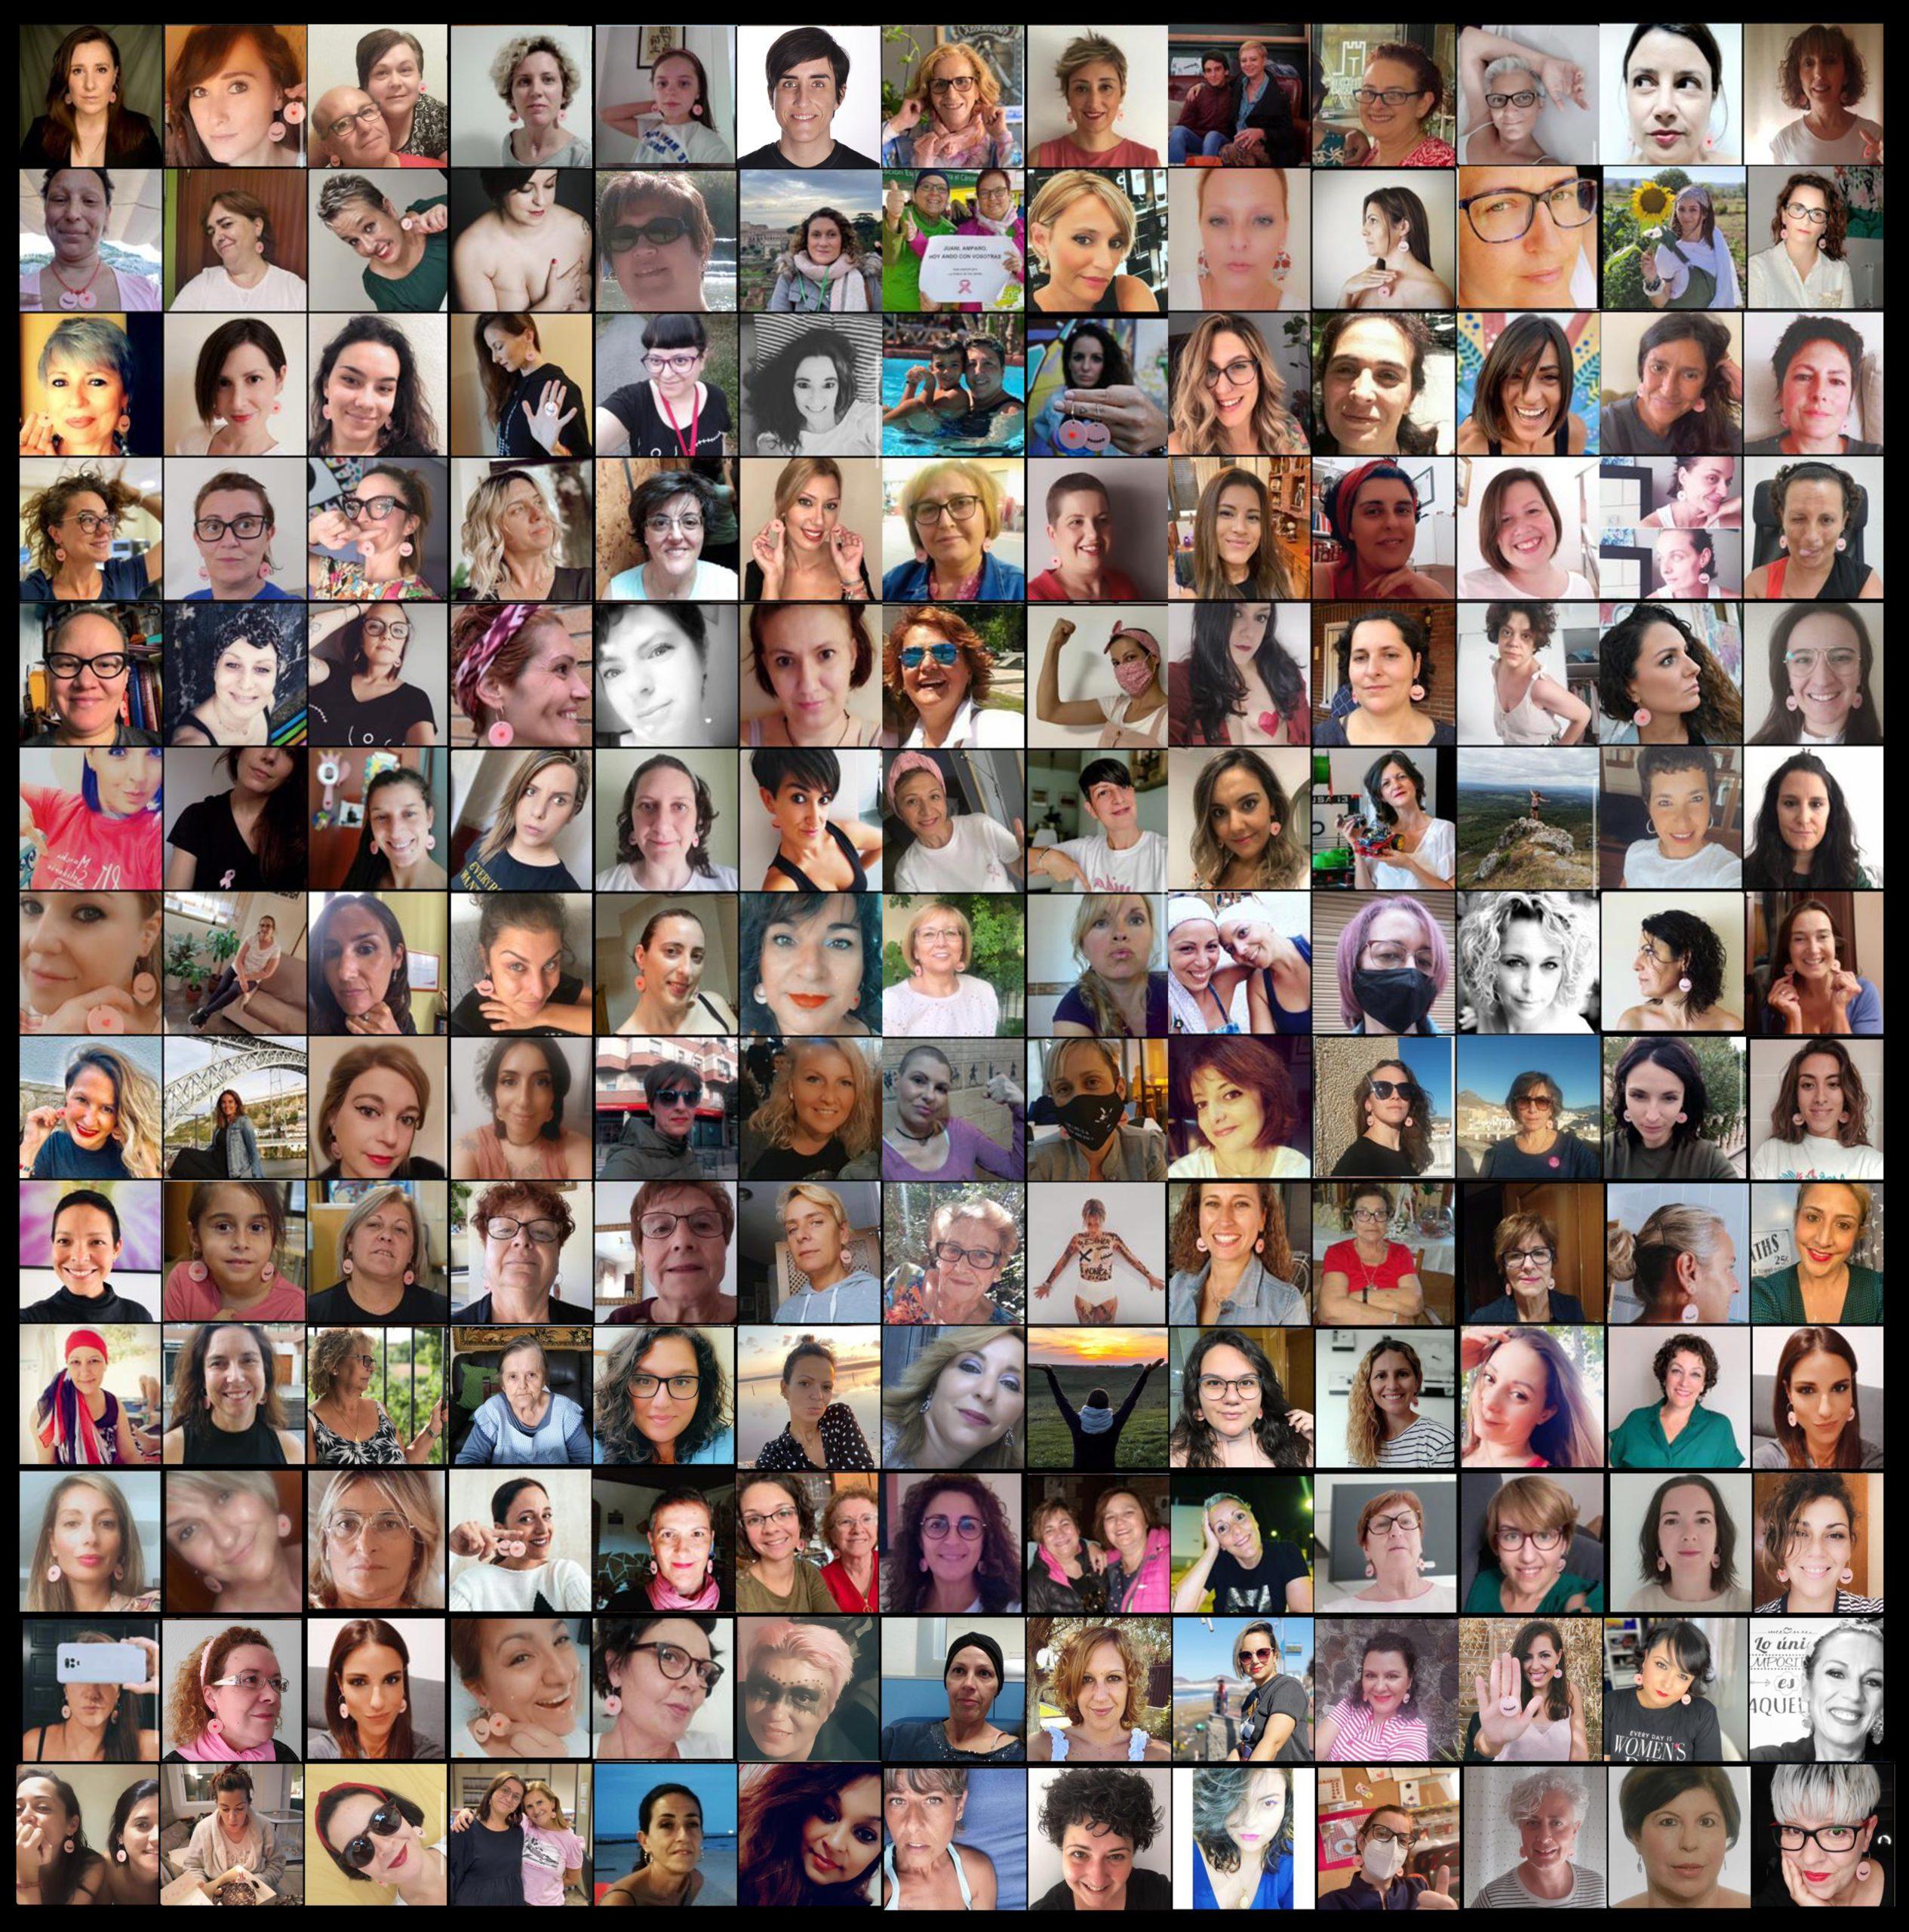 Cerca de 200 personas 'mágicas', unidas y luchando contra el cáncer de mama